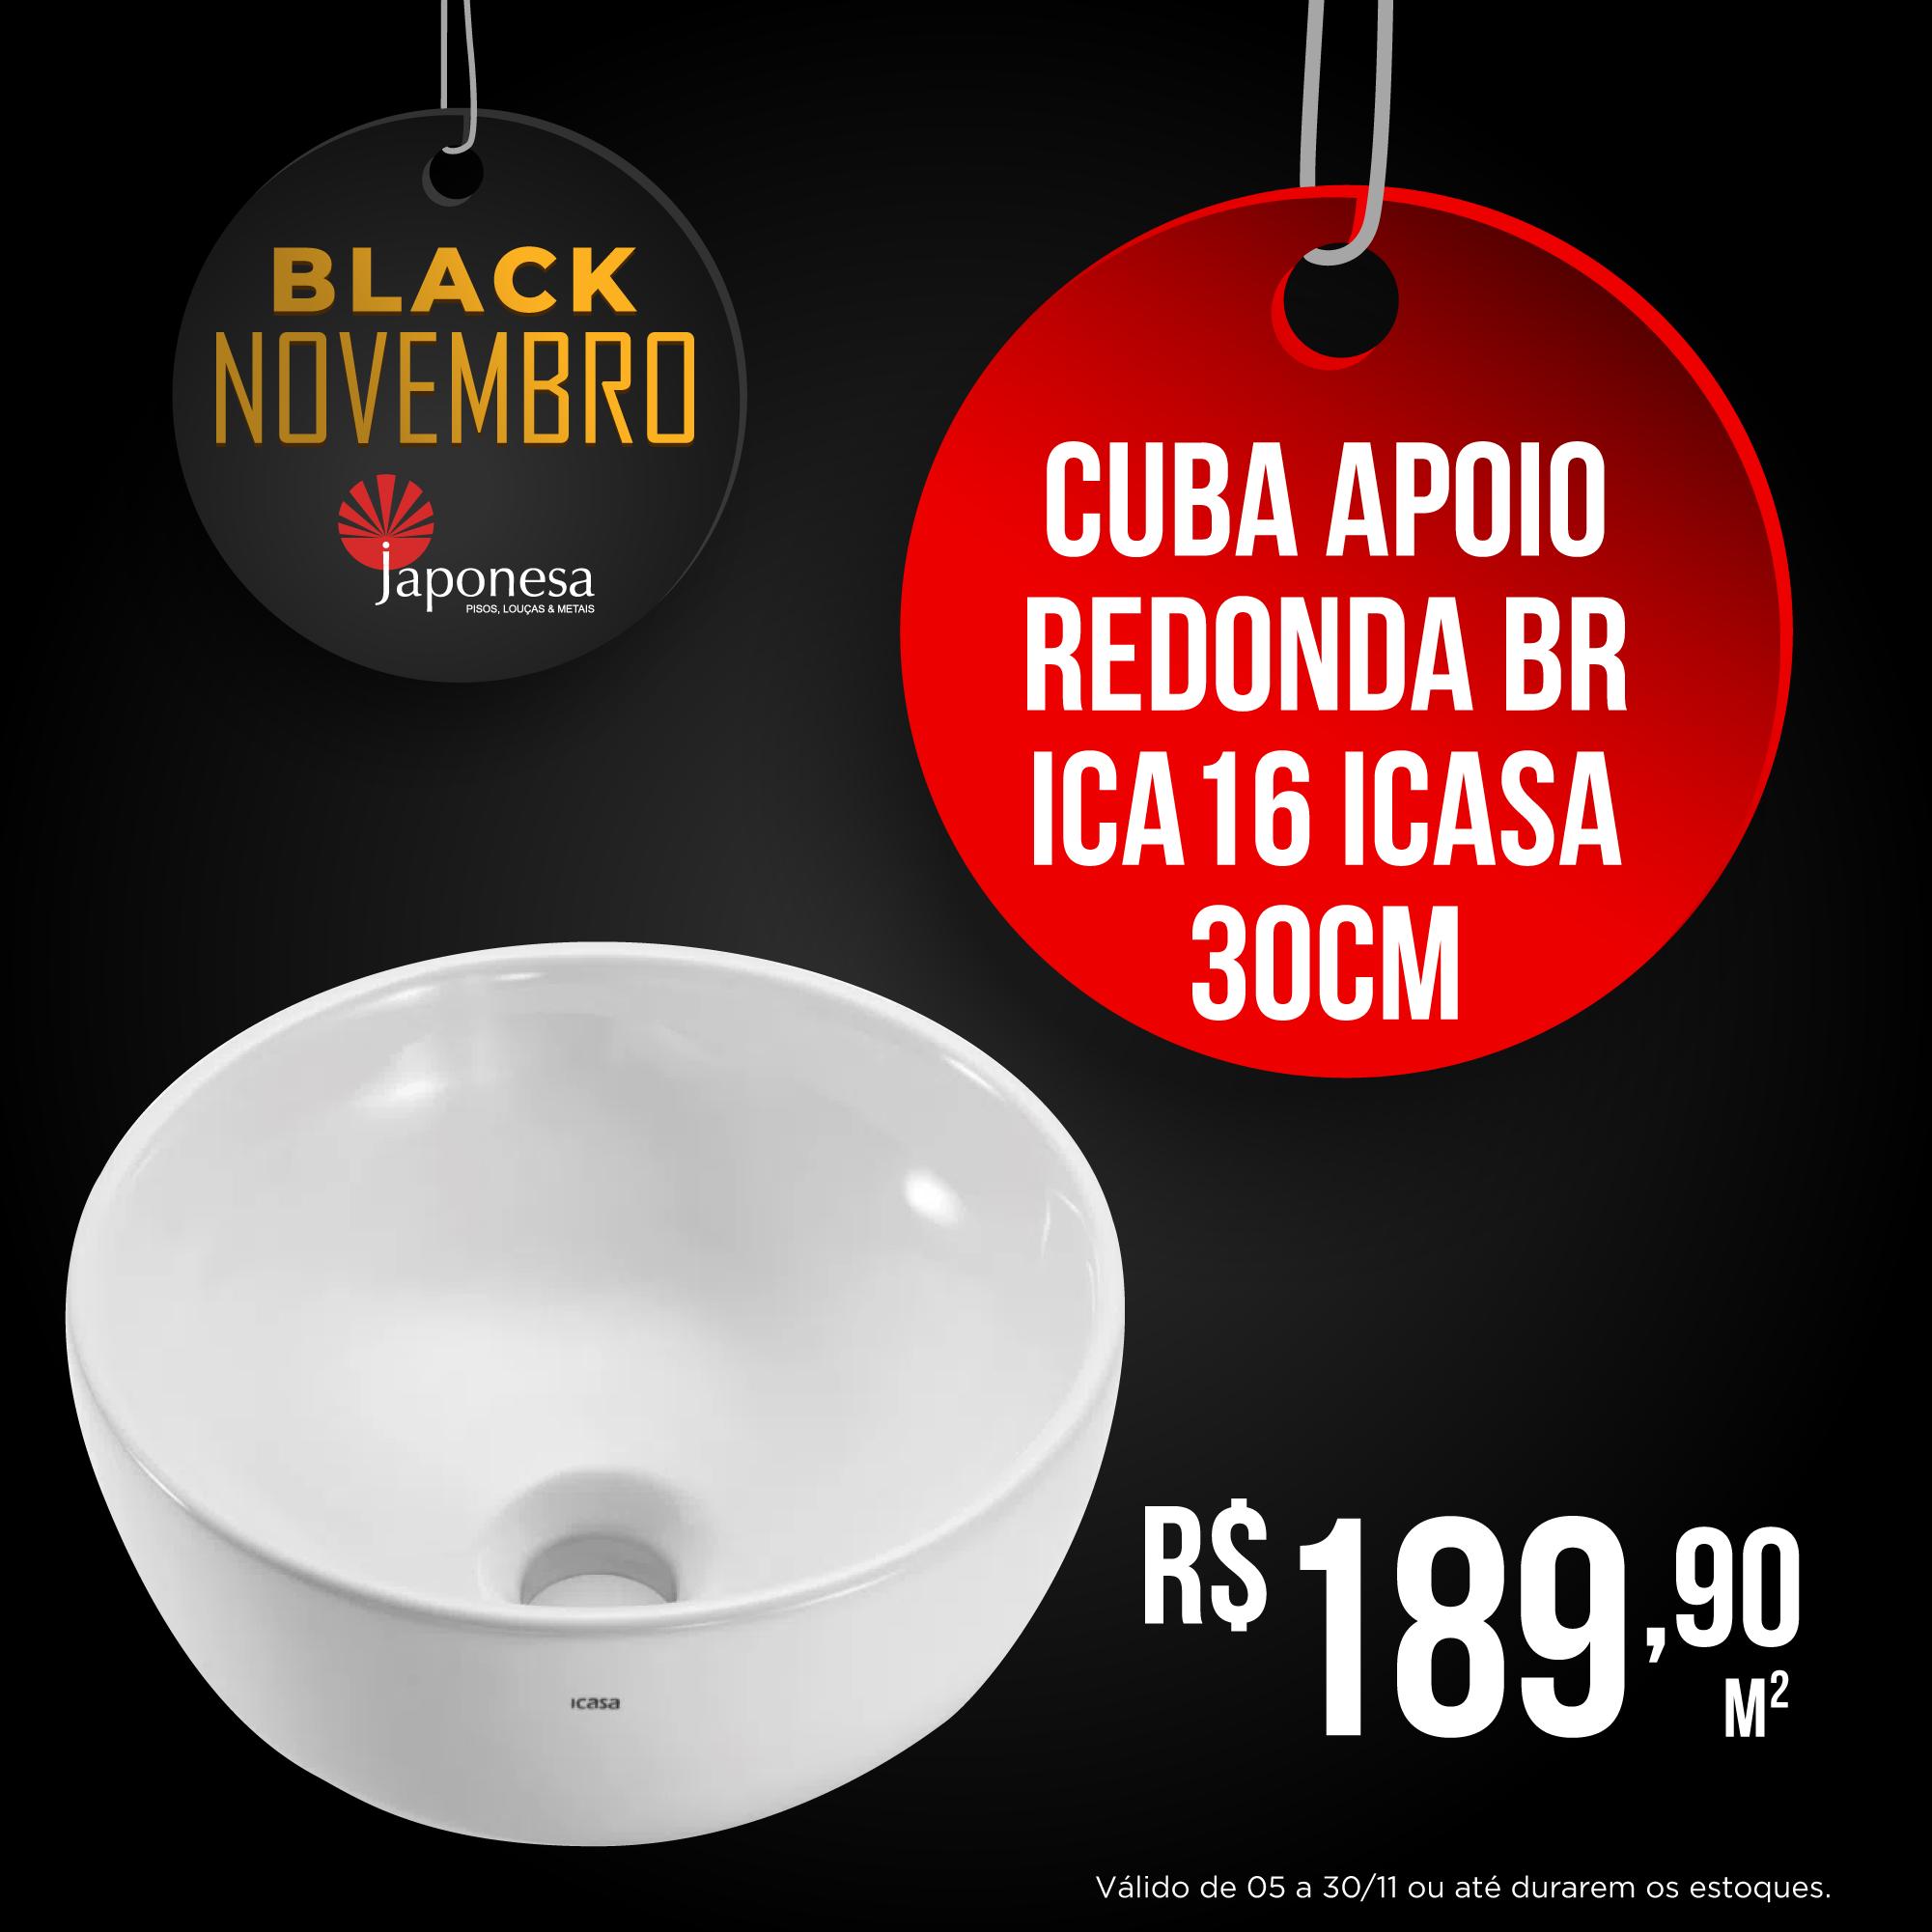 CUBA APOIO REDONDA BR ICA 16 ICASA 30CM